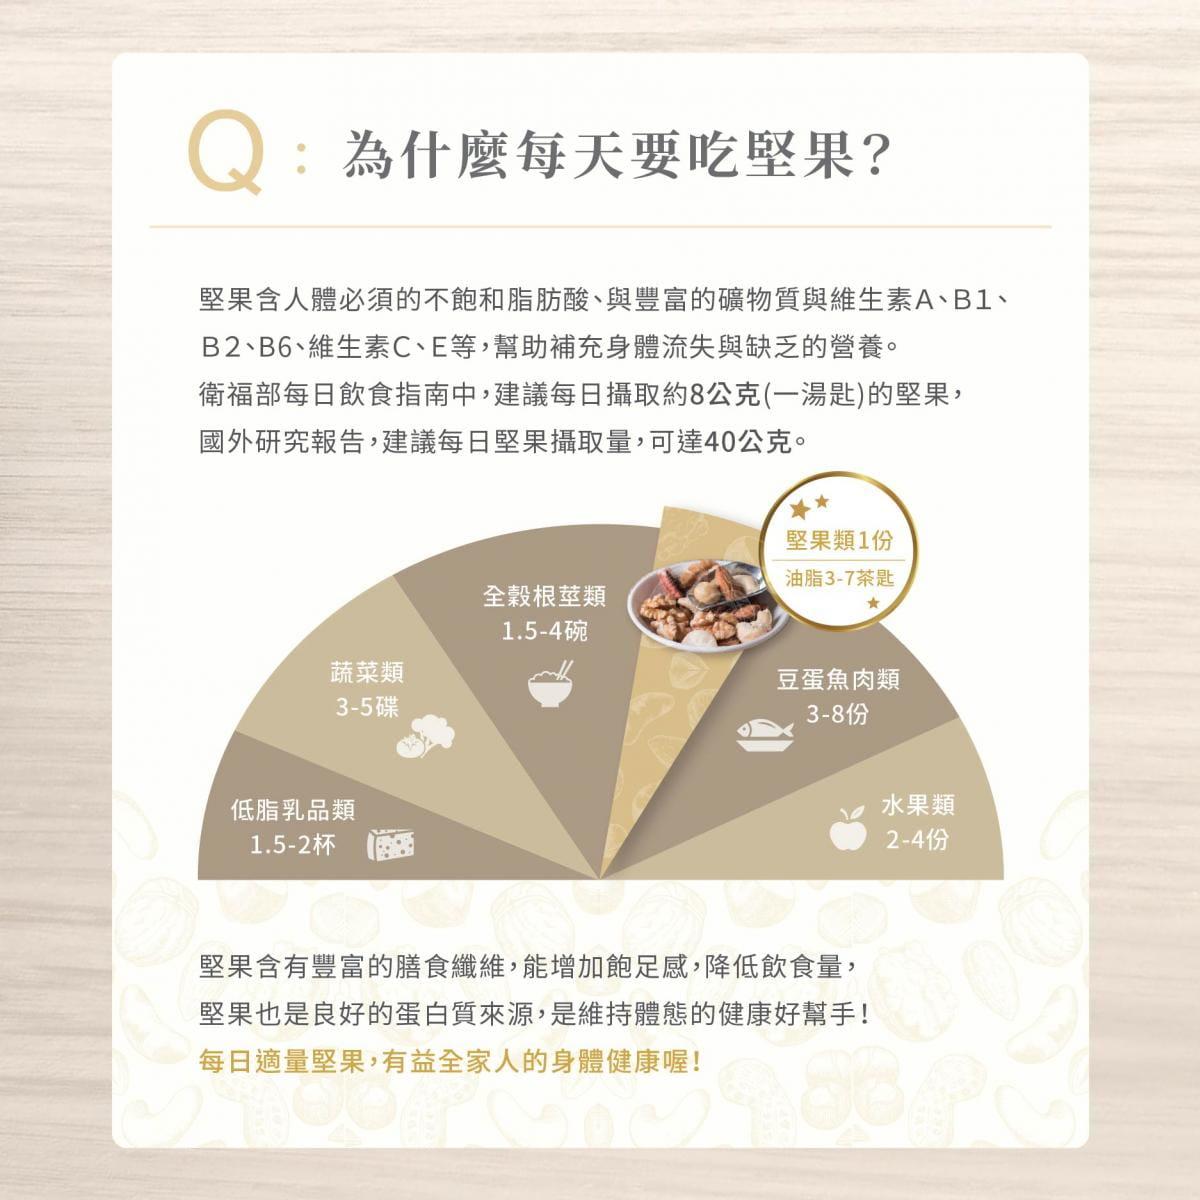 【謝謝堅果】 原味綜合五堅果/核桃/腰果/杏仁(多口味任選) 6